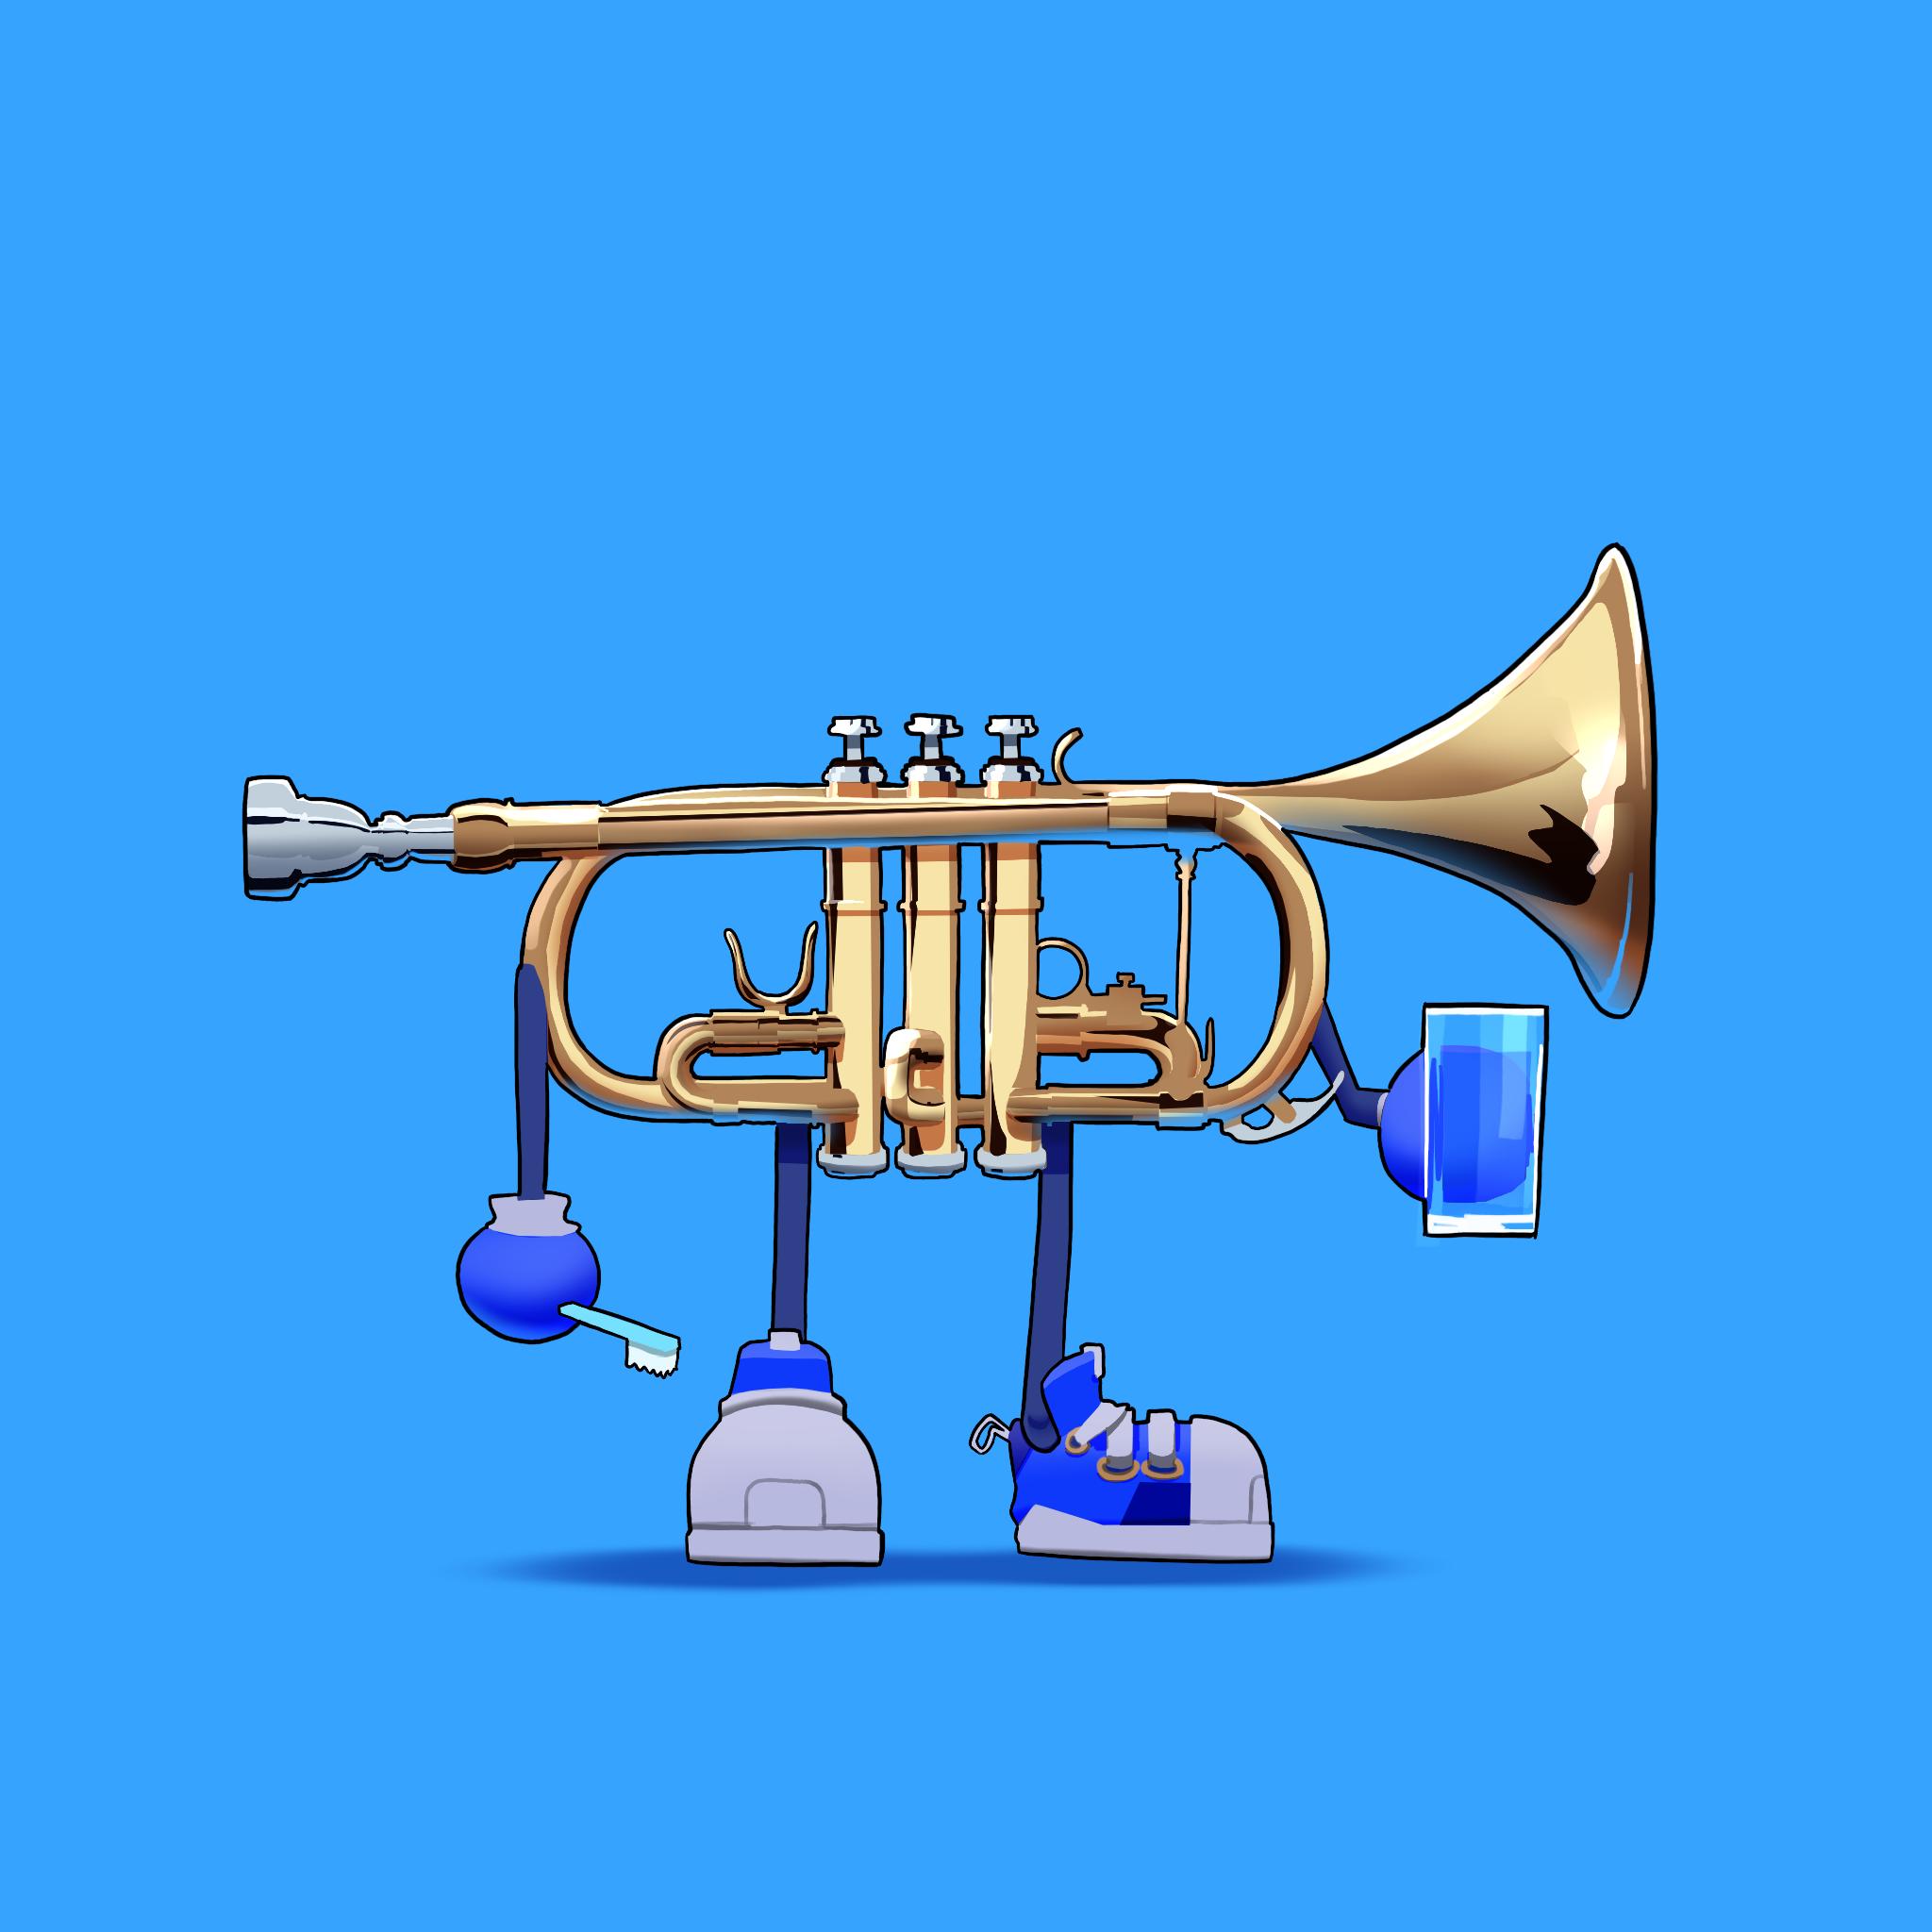 honk honk trumpet